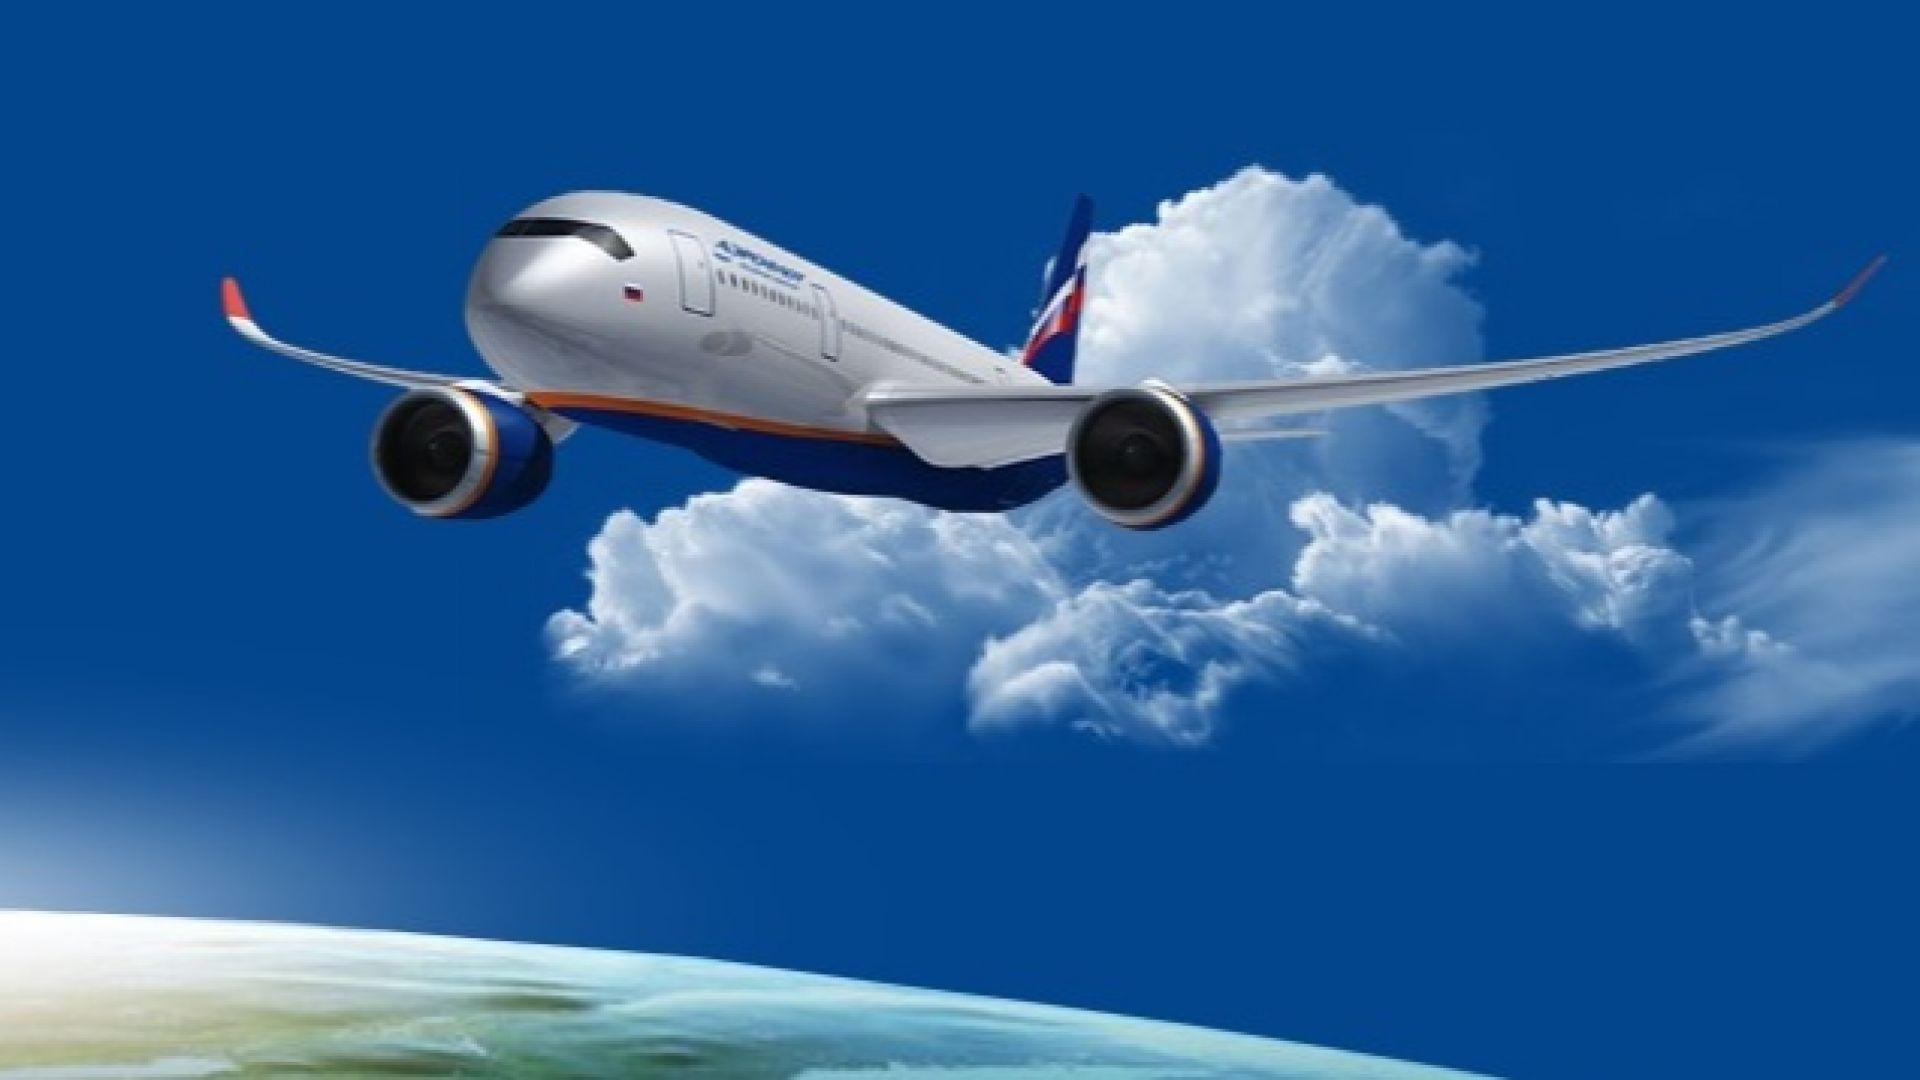 Руски пътнически самолет Боинг-737 кацна днес аварийно, след като един